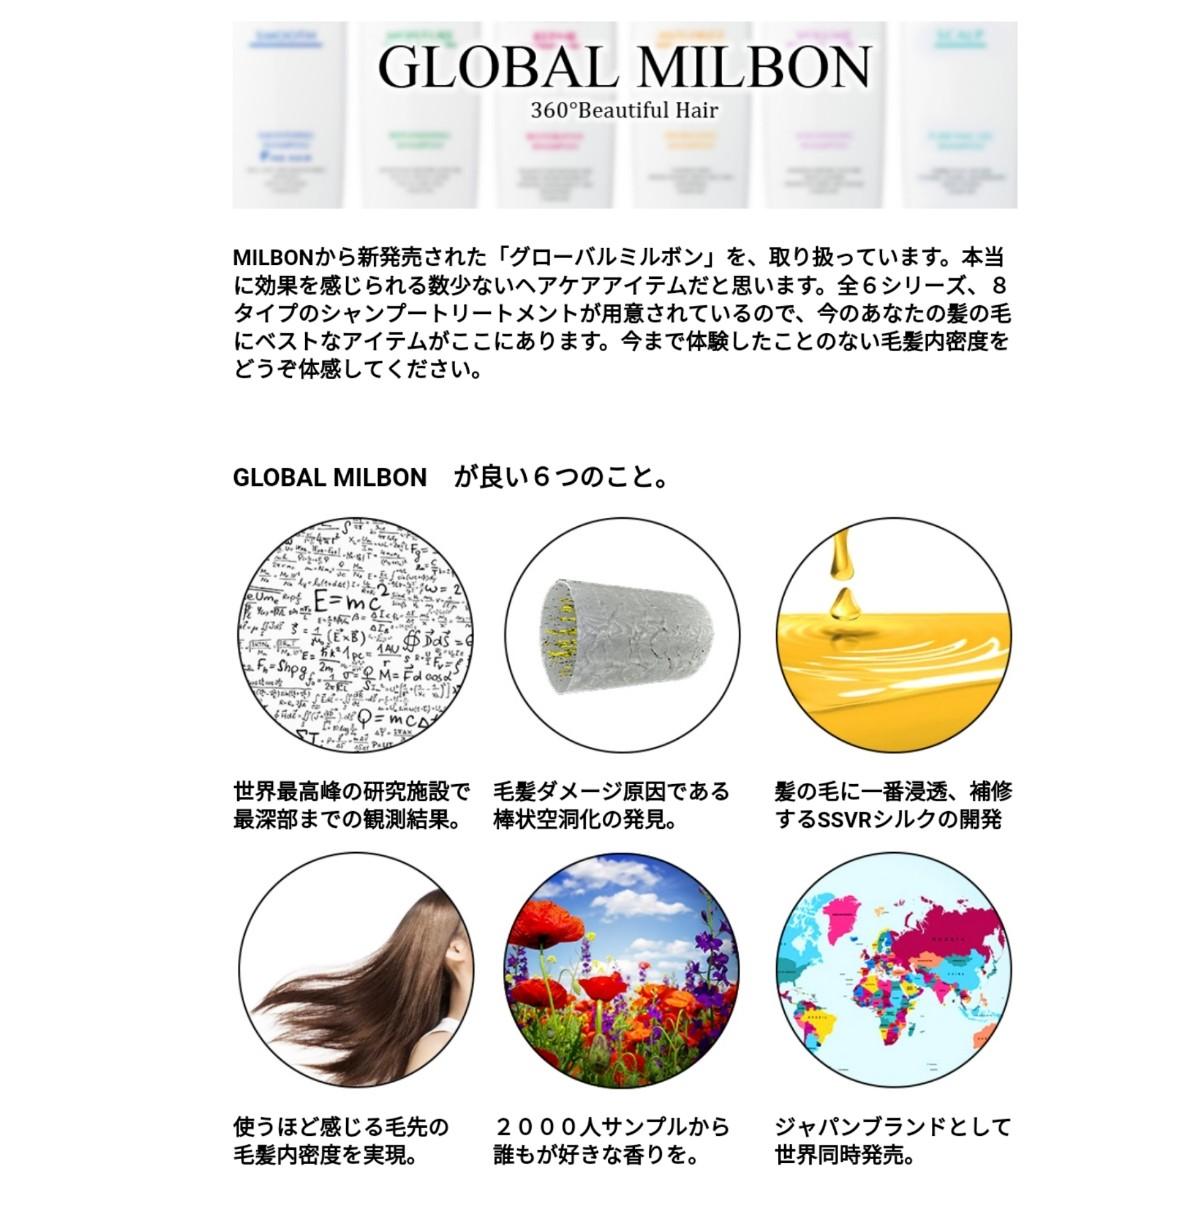 グローバルミルボン